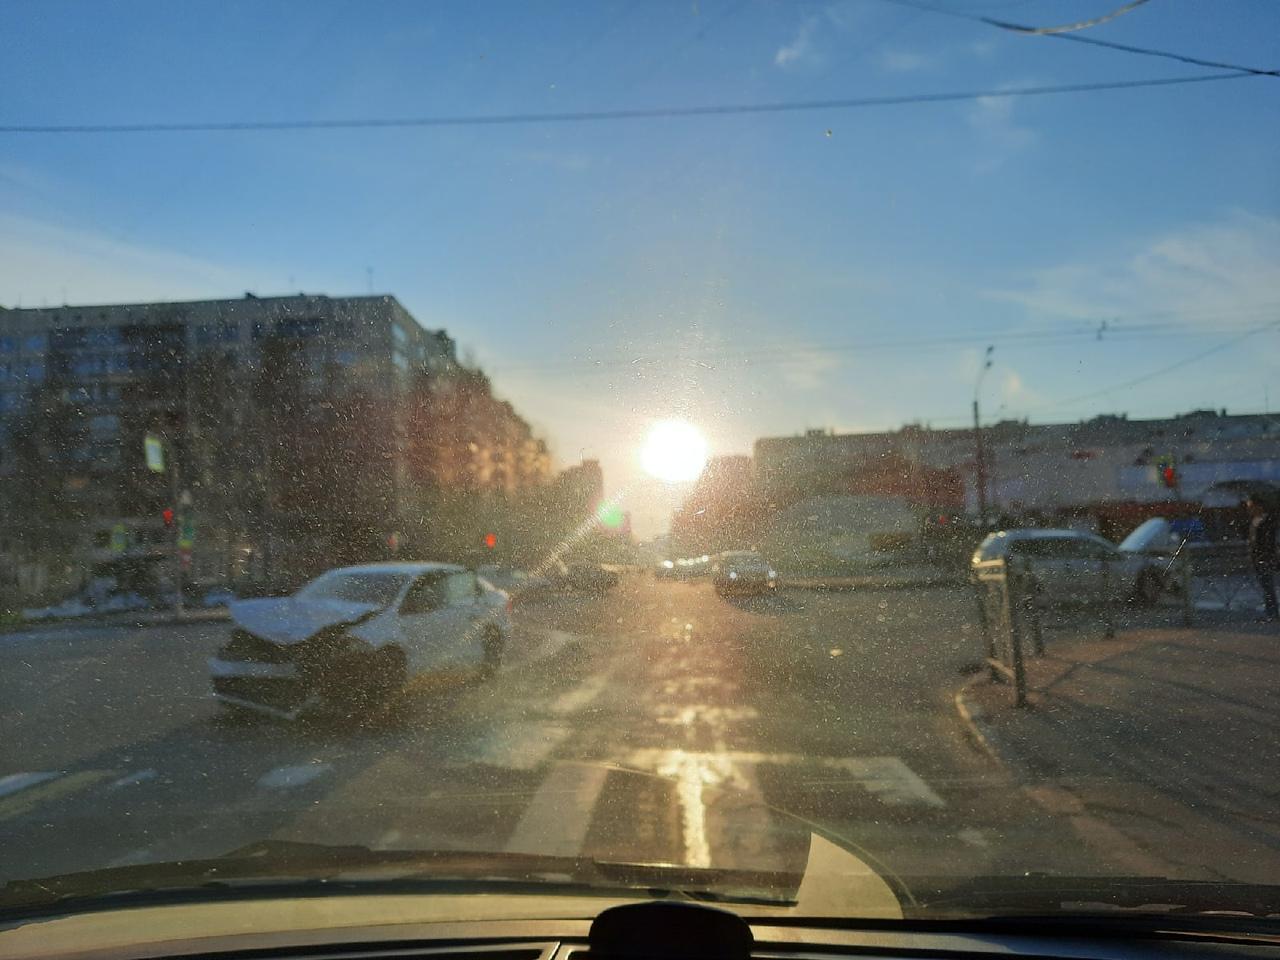 На перекрестке Ушинского и Светлановского. Volkswagen не пропустил на повороте, увы